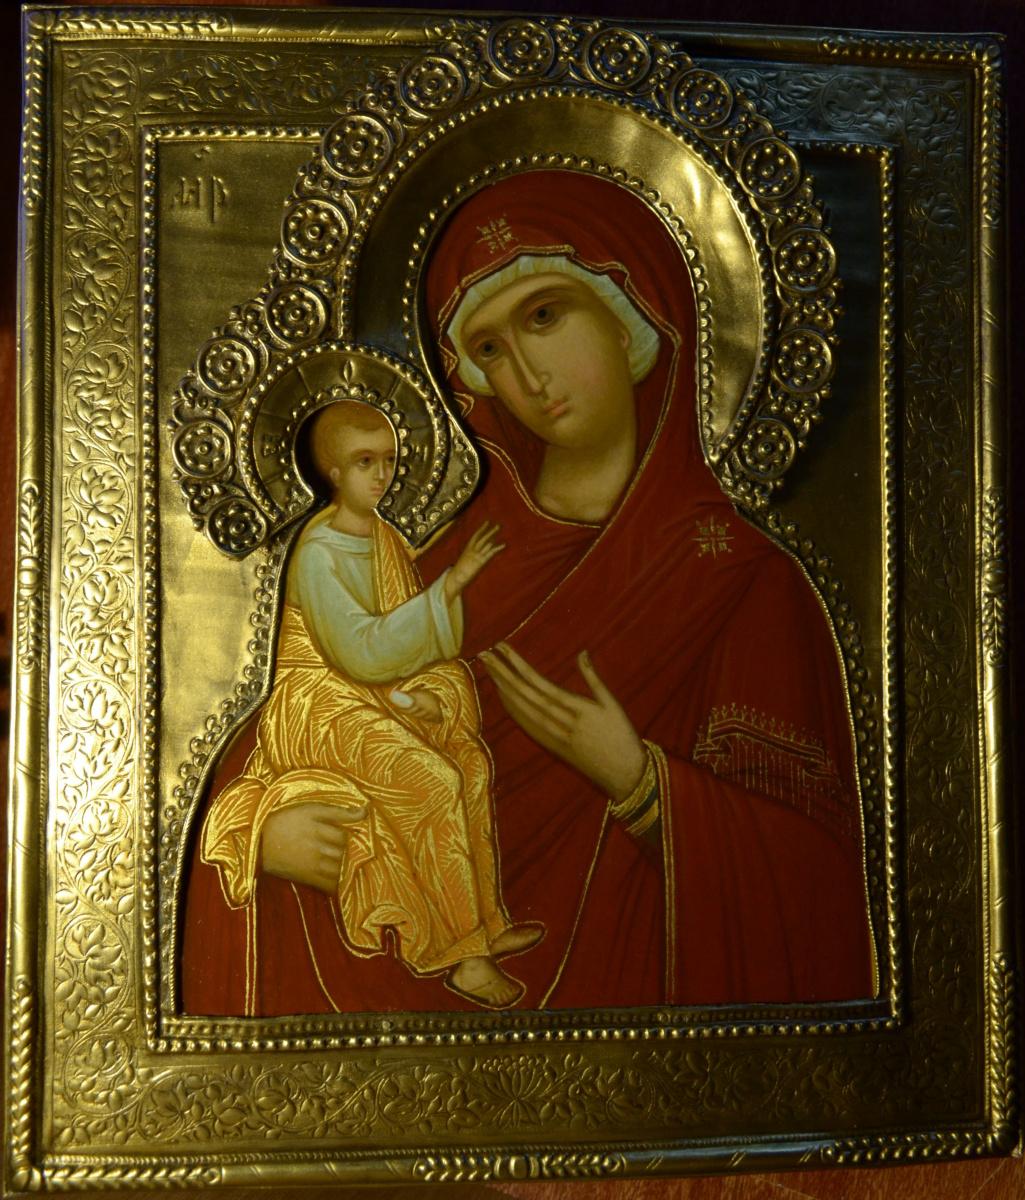 Gennady Viktorovich Babenko. Jerusalem icon of the Mother of God.